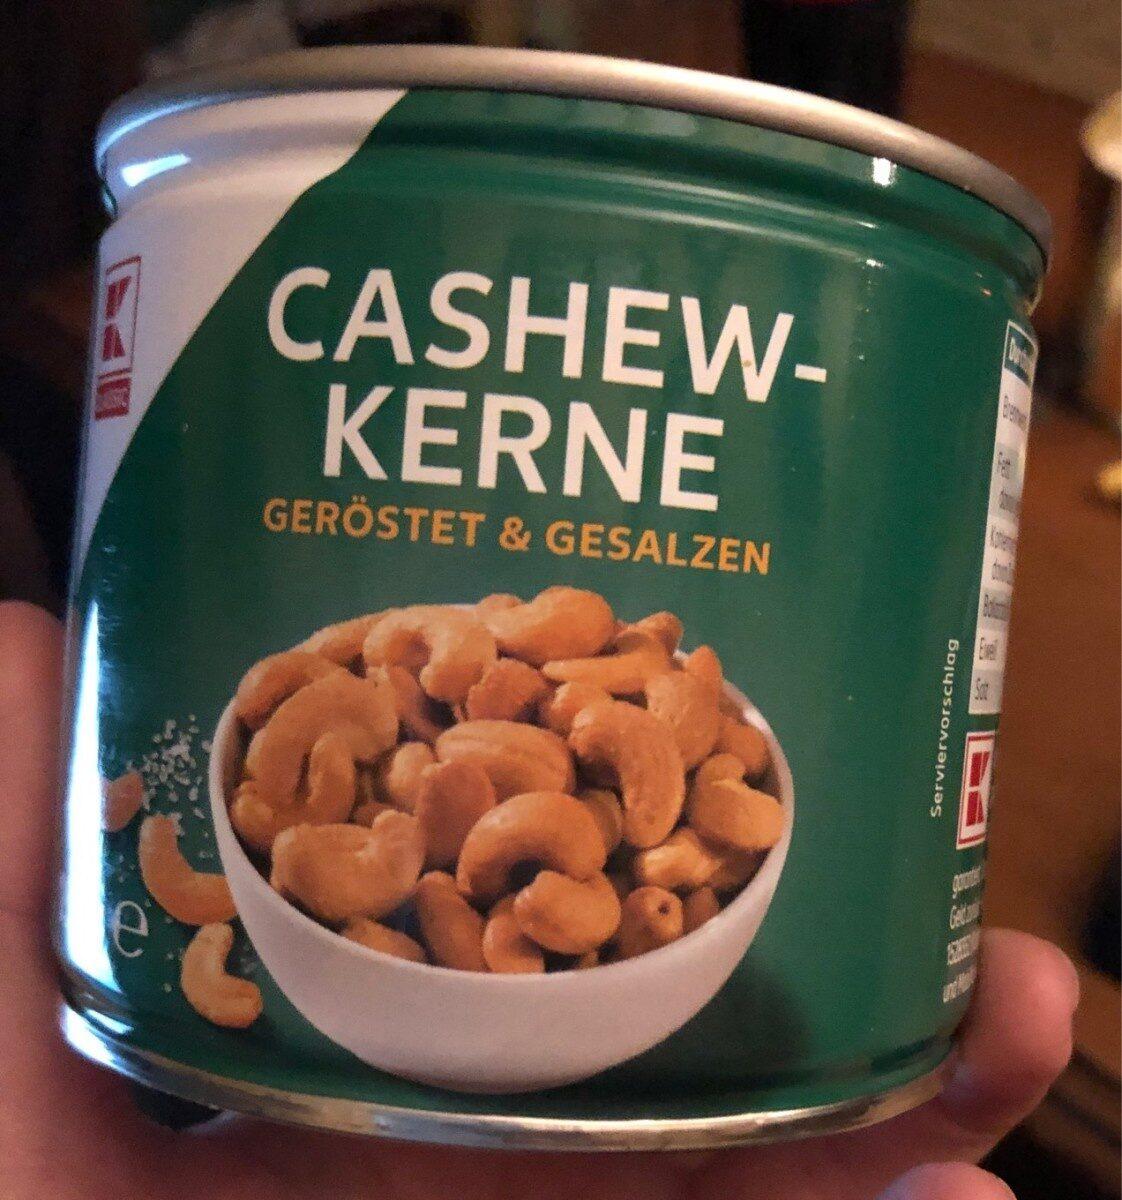 Cashew-Kerne - Product - de